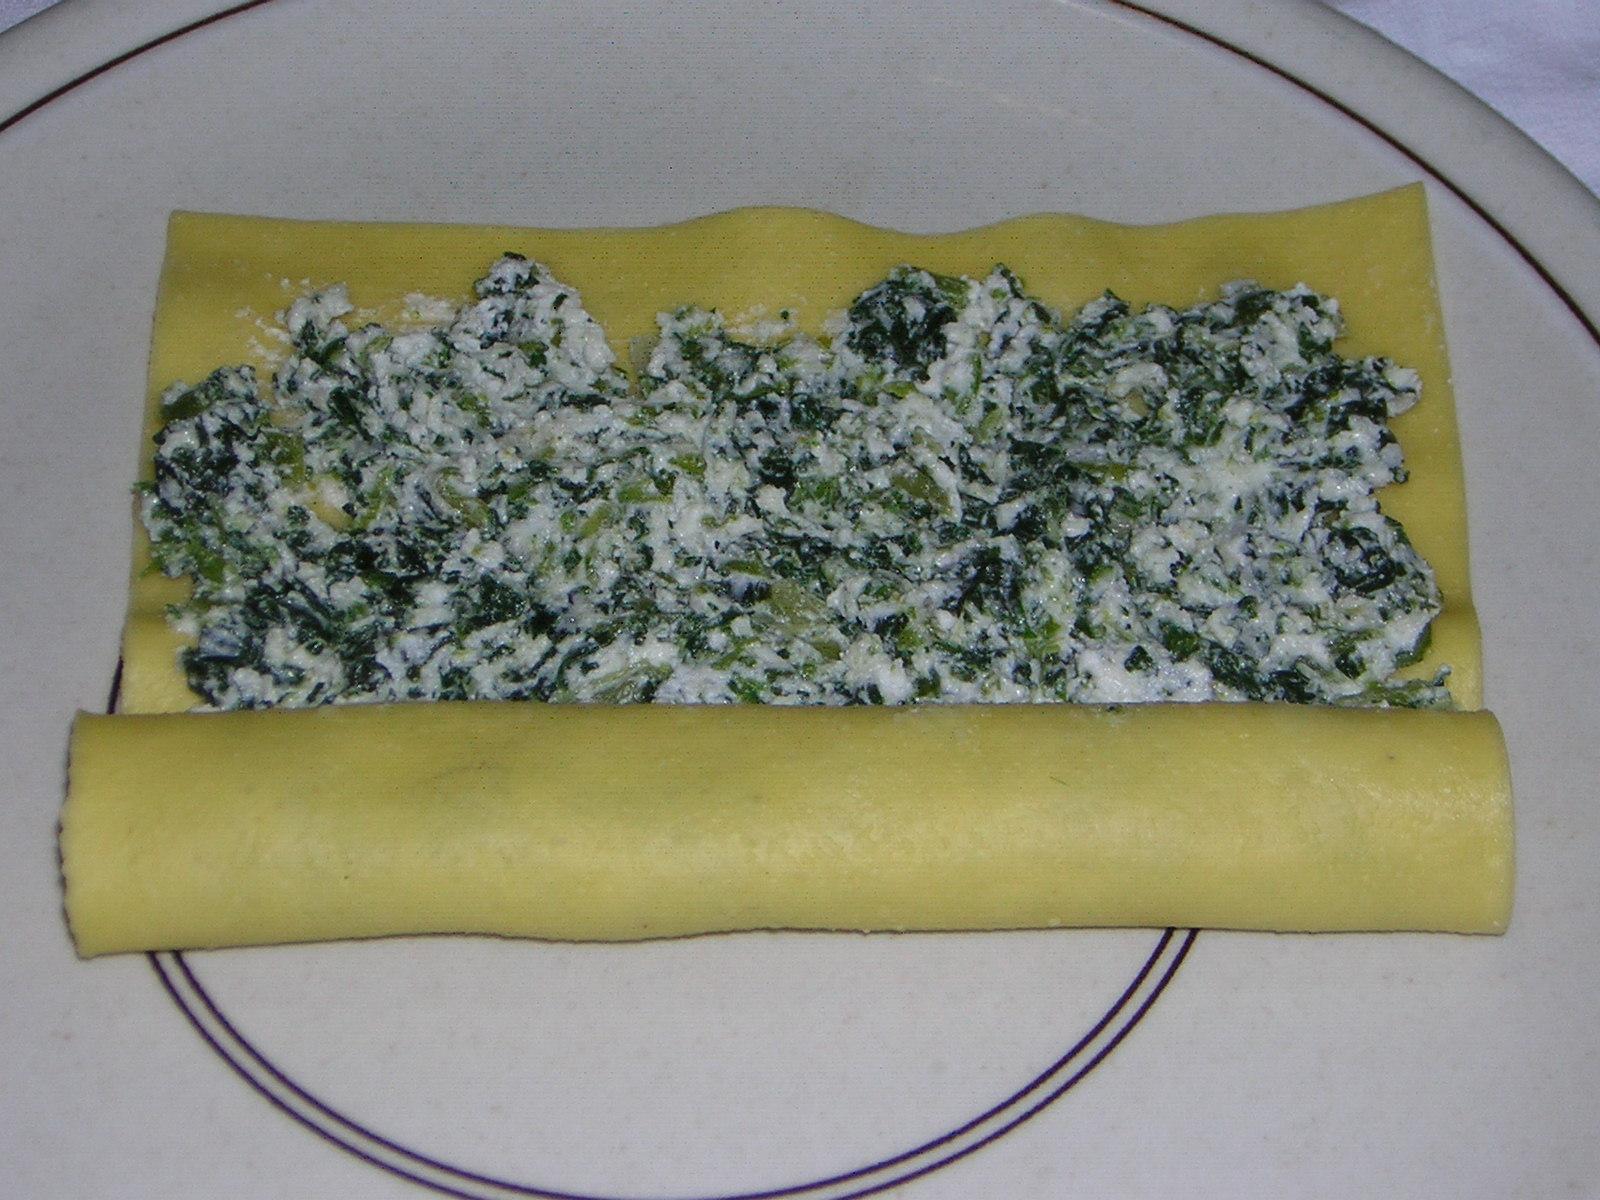 preparazione dei cannelloni ricotta e spinaci al ragù